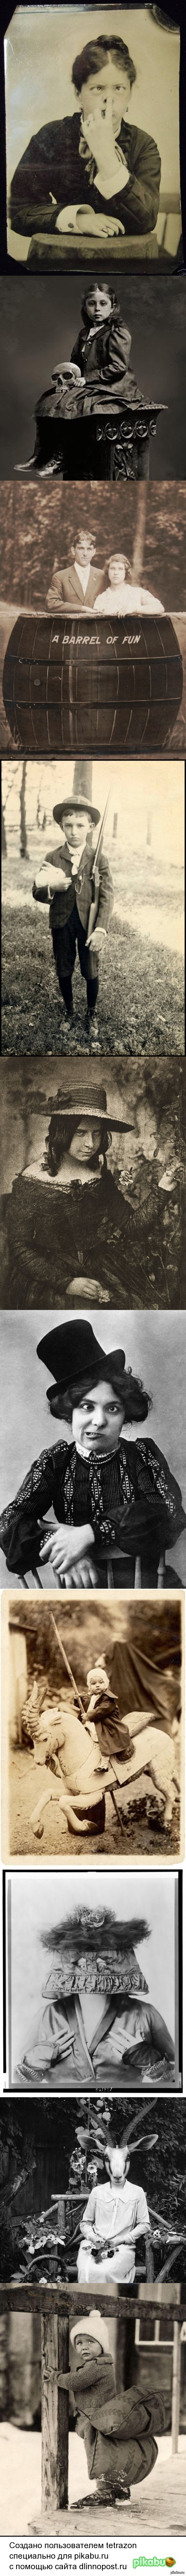 Странноватые старинные фотографии